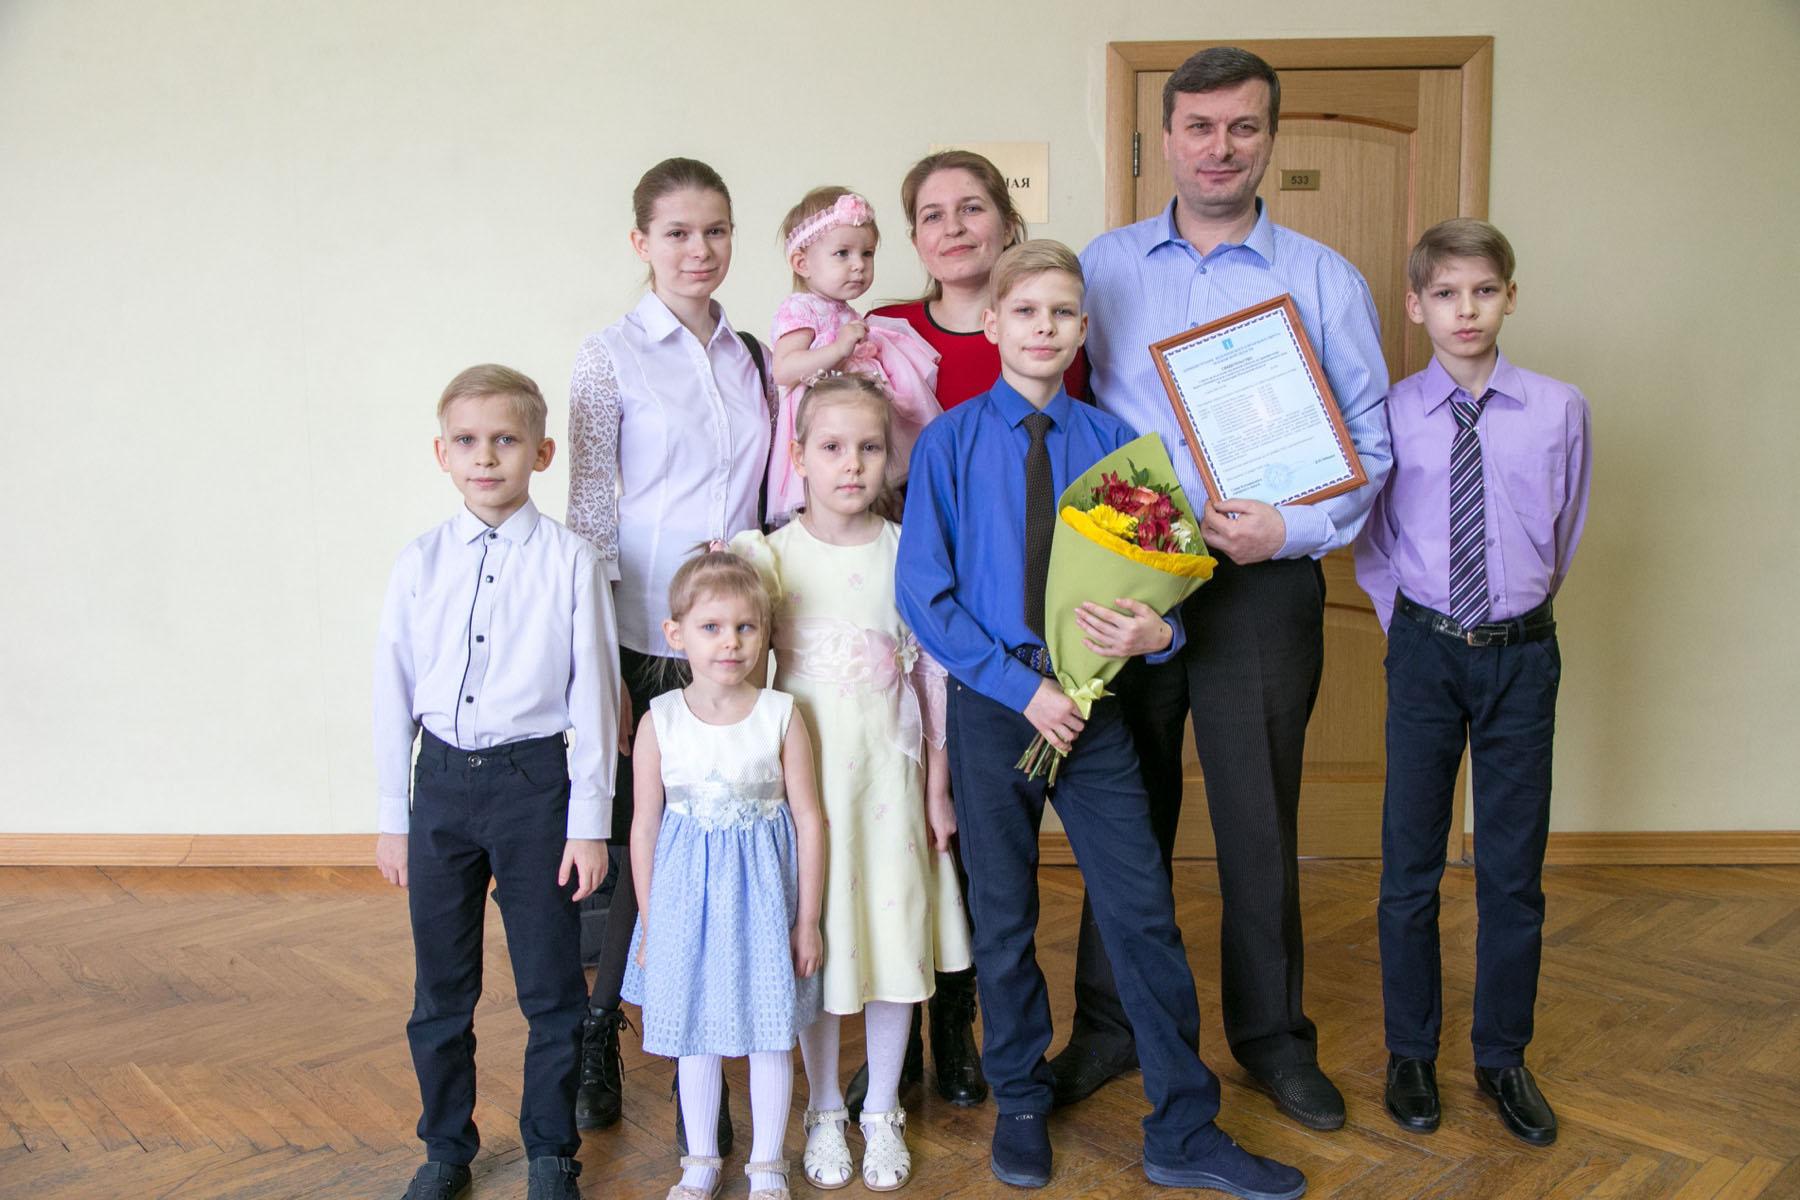 Новости Коломны   Пять коломенских семей  улучшат свои жилищные условия благодаря губернаторской программе Фото (Коломна)   iz zhizni kolomnyi